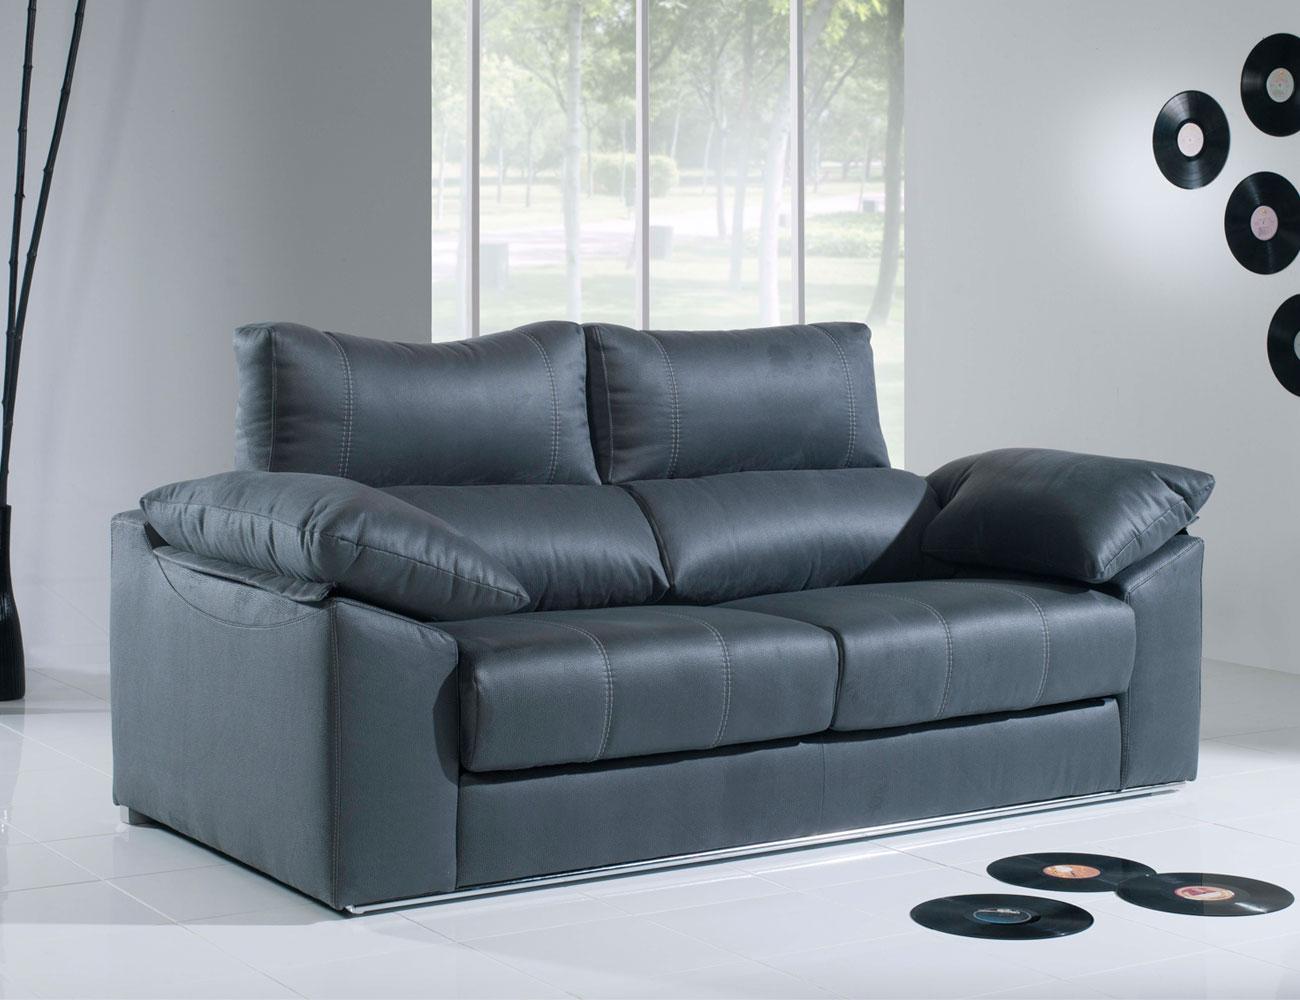 Sofa 3 plazas moderno con barra18